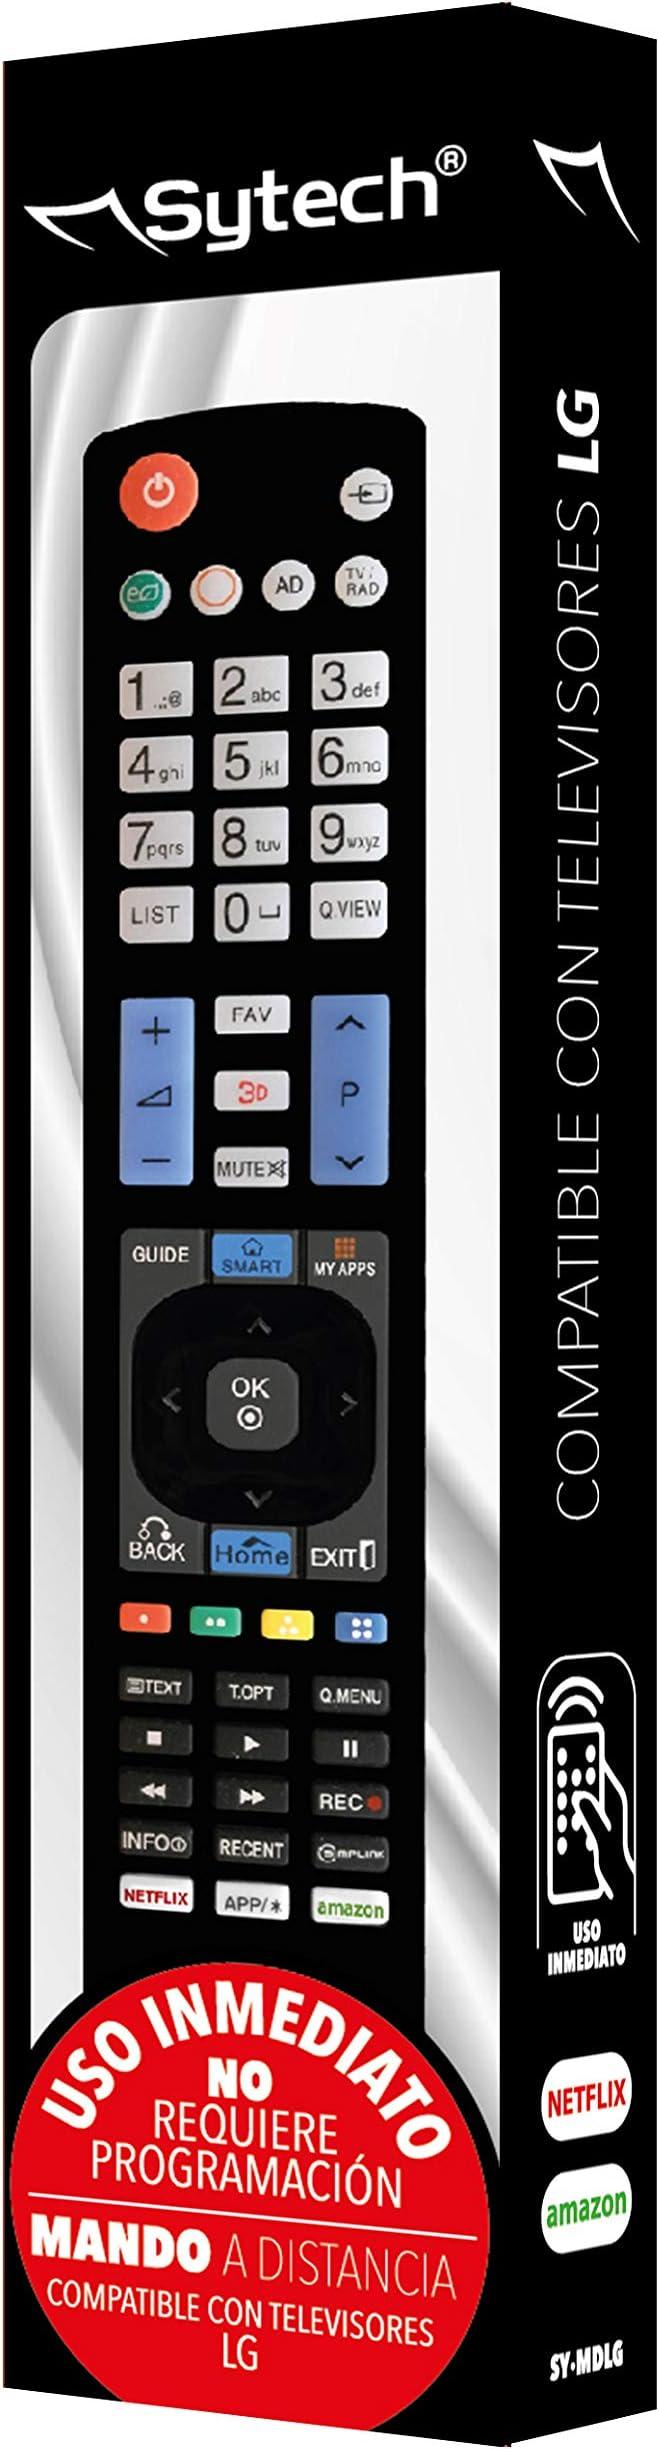 SYTECH, SY-MDLG- Mando a Distancia Compatible con televisores de la Marca LG: Amazon.es: Electrónica